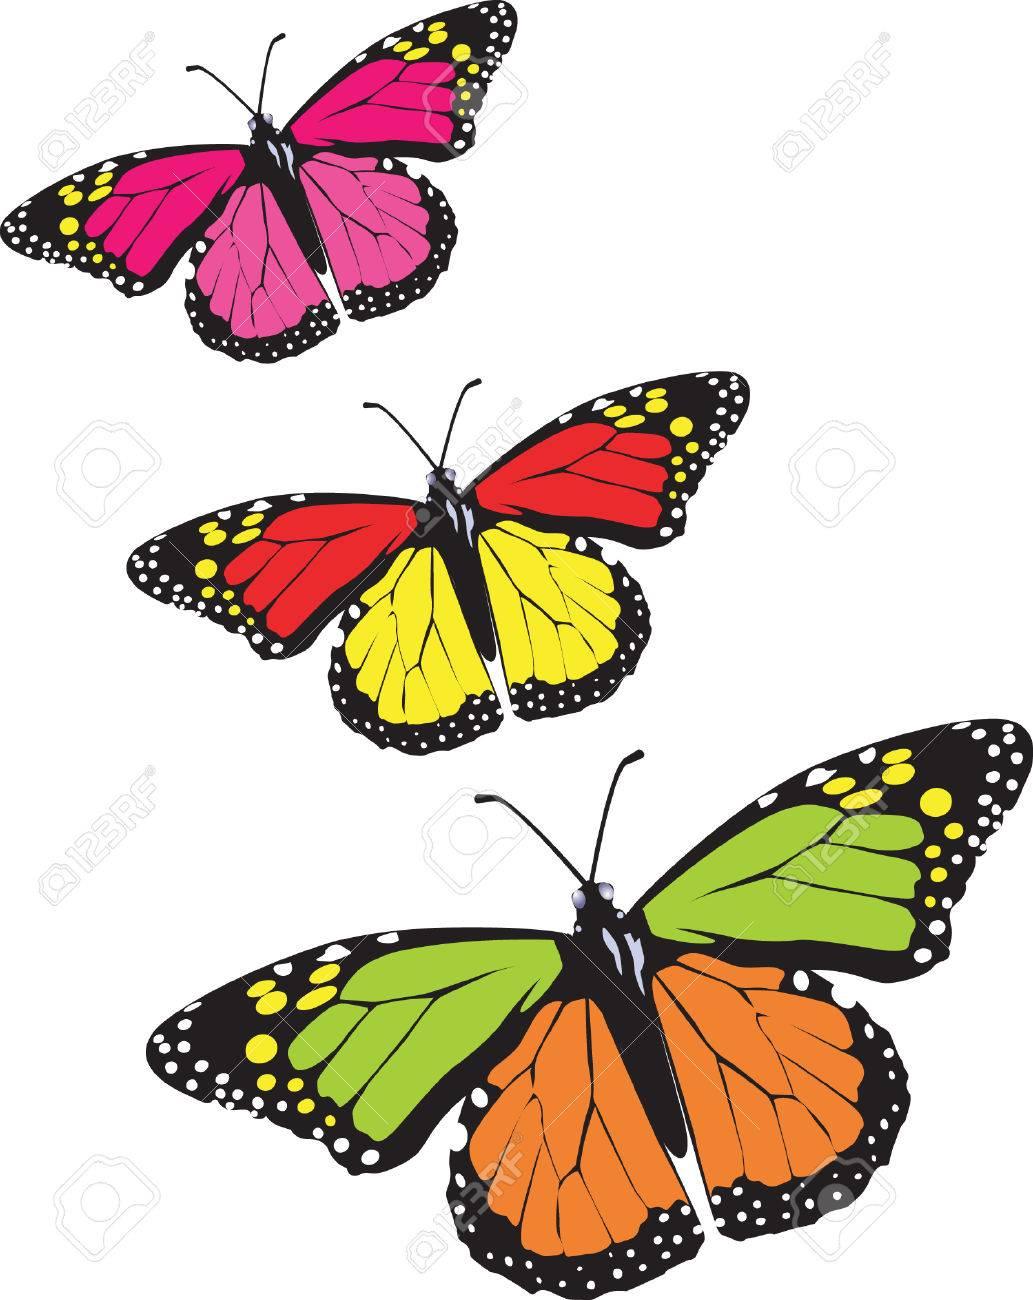 Butterflies  flying in the sky. Stock Vector - 1768543